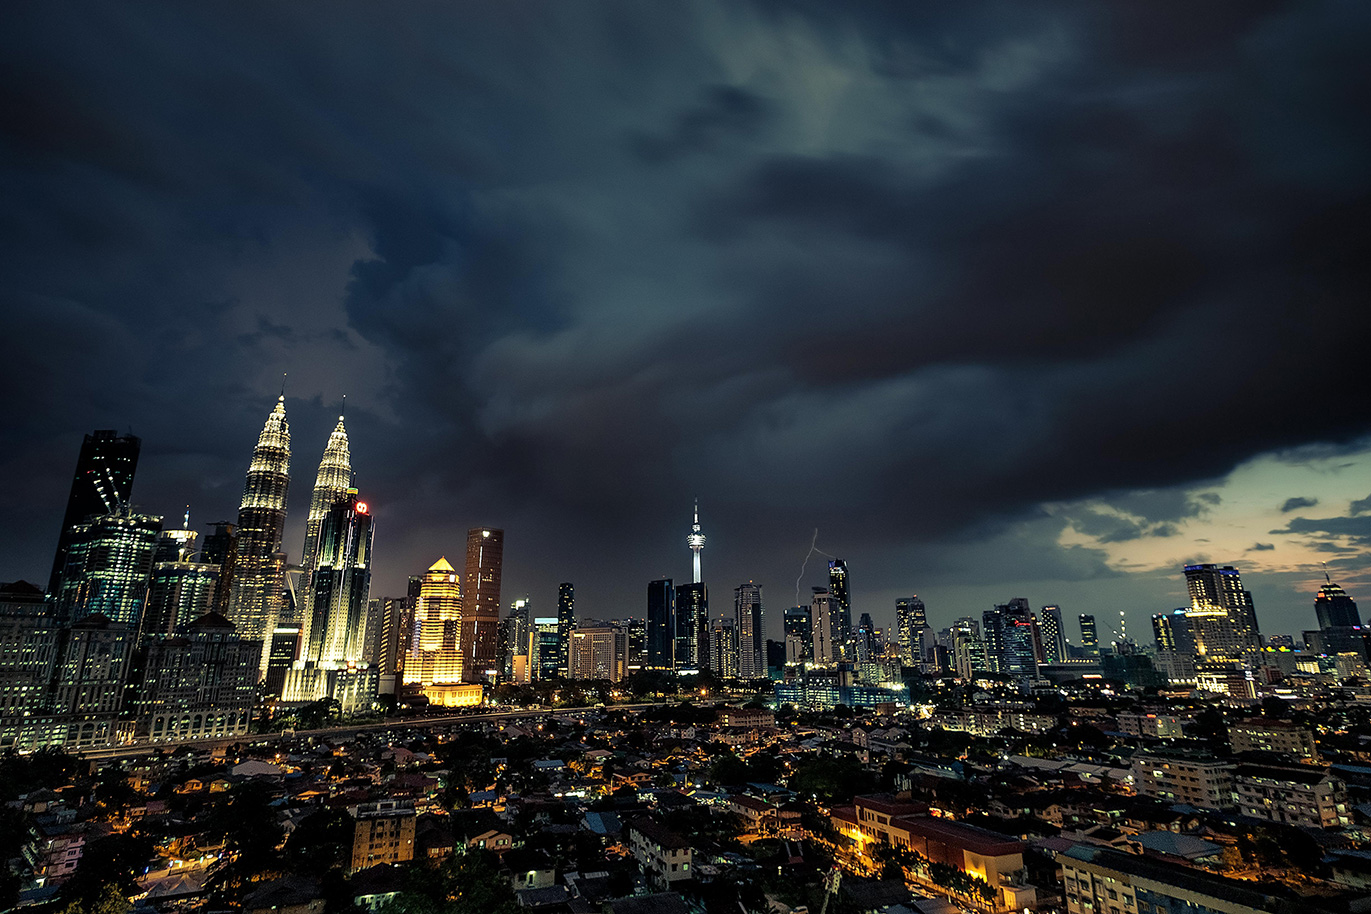 18-03-12---Orage-KL-(Malaisie).jpg